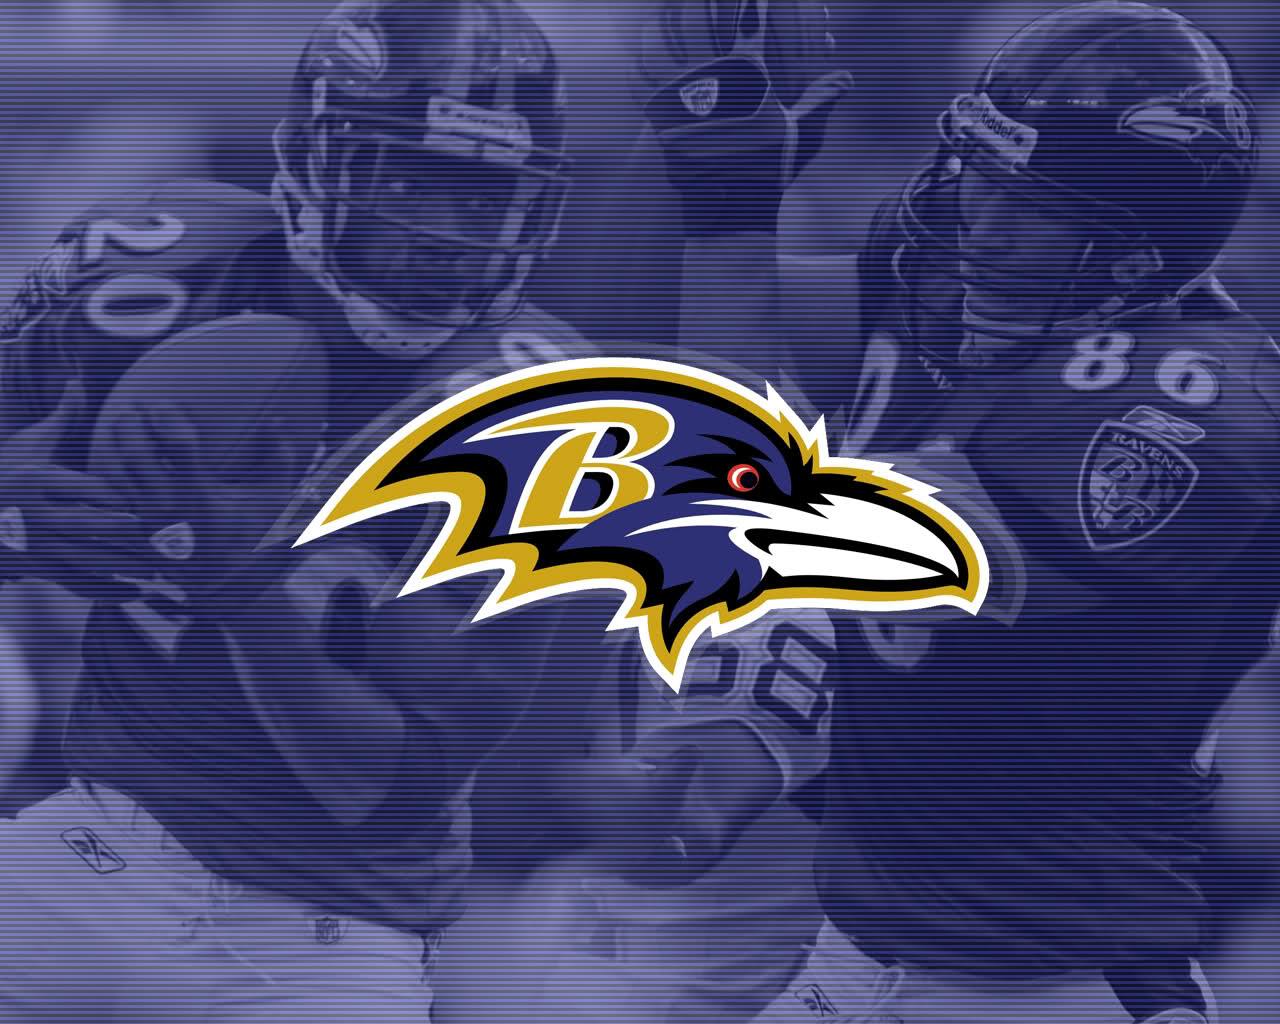 Baltimore Ravens wallpaper desktop image Baltimore Ravens 1280x1024